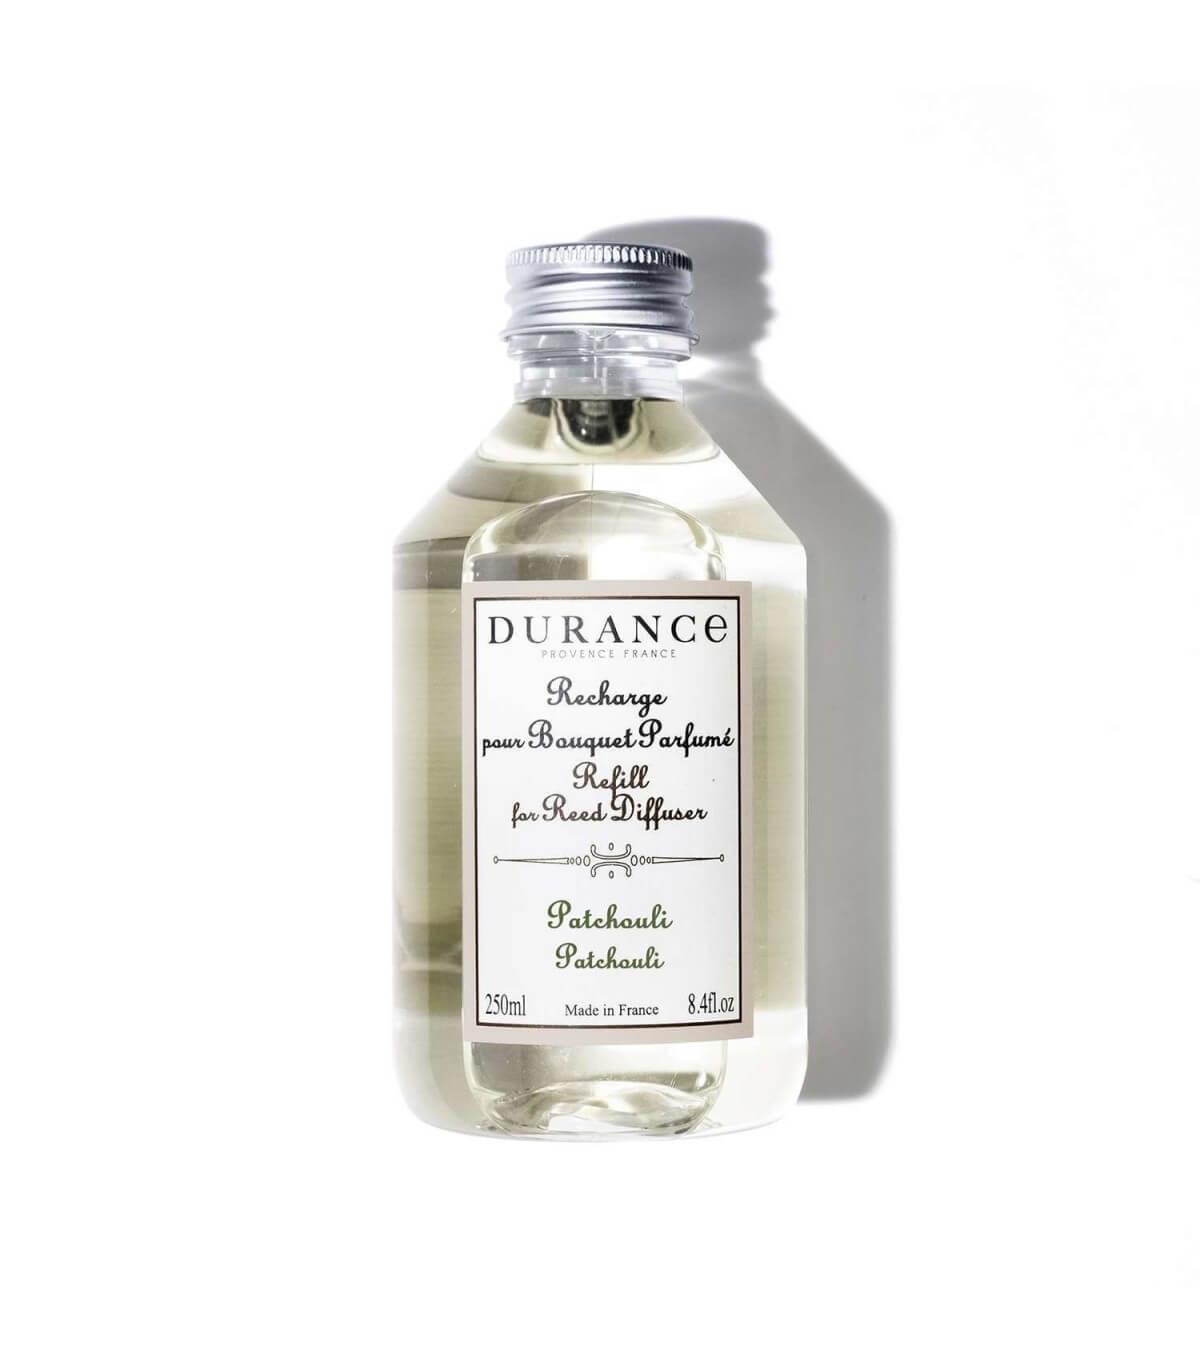 Recharge Bouquet Parfumé- Patchouli 25cl